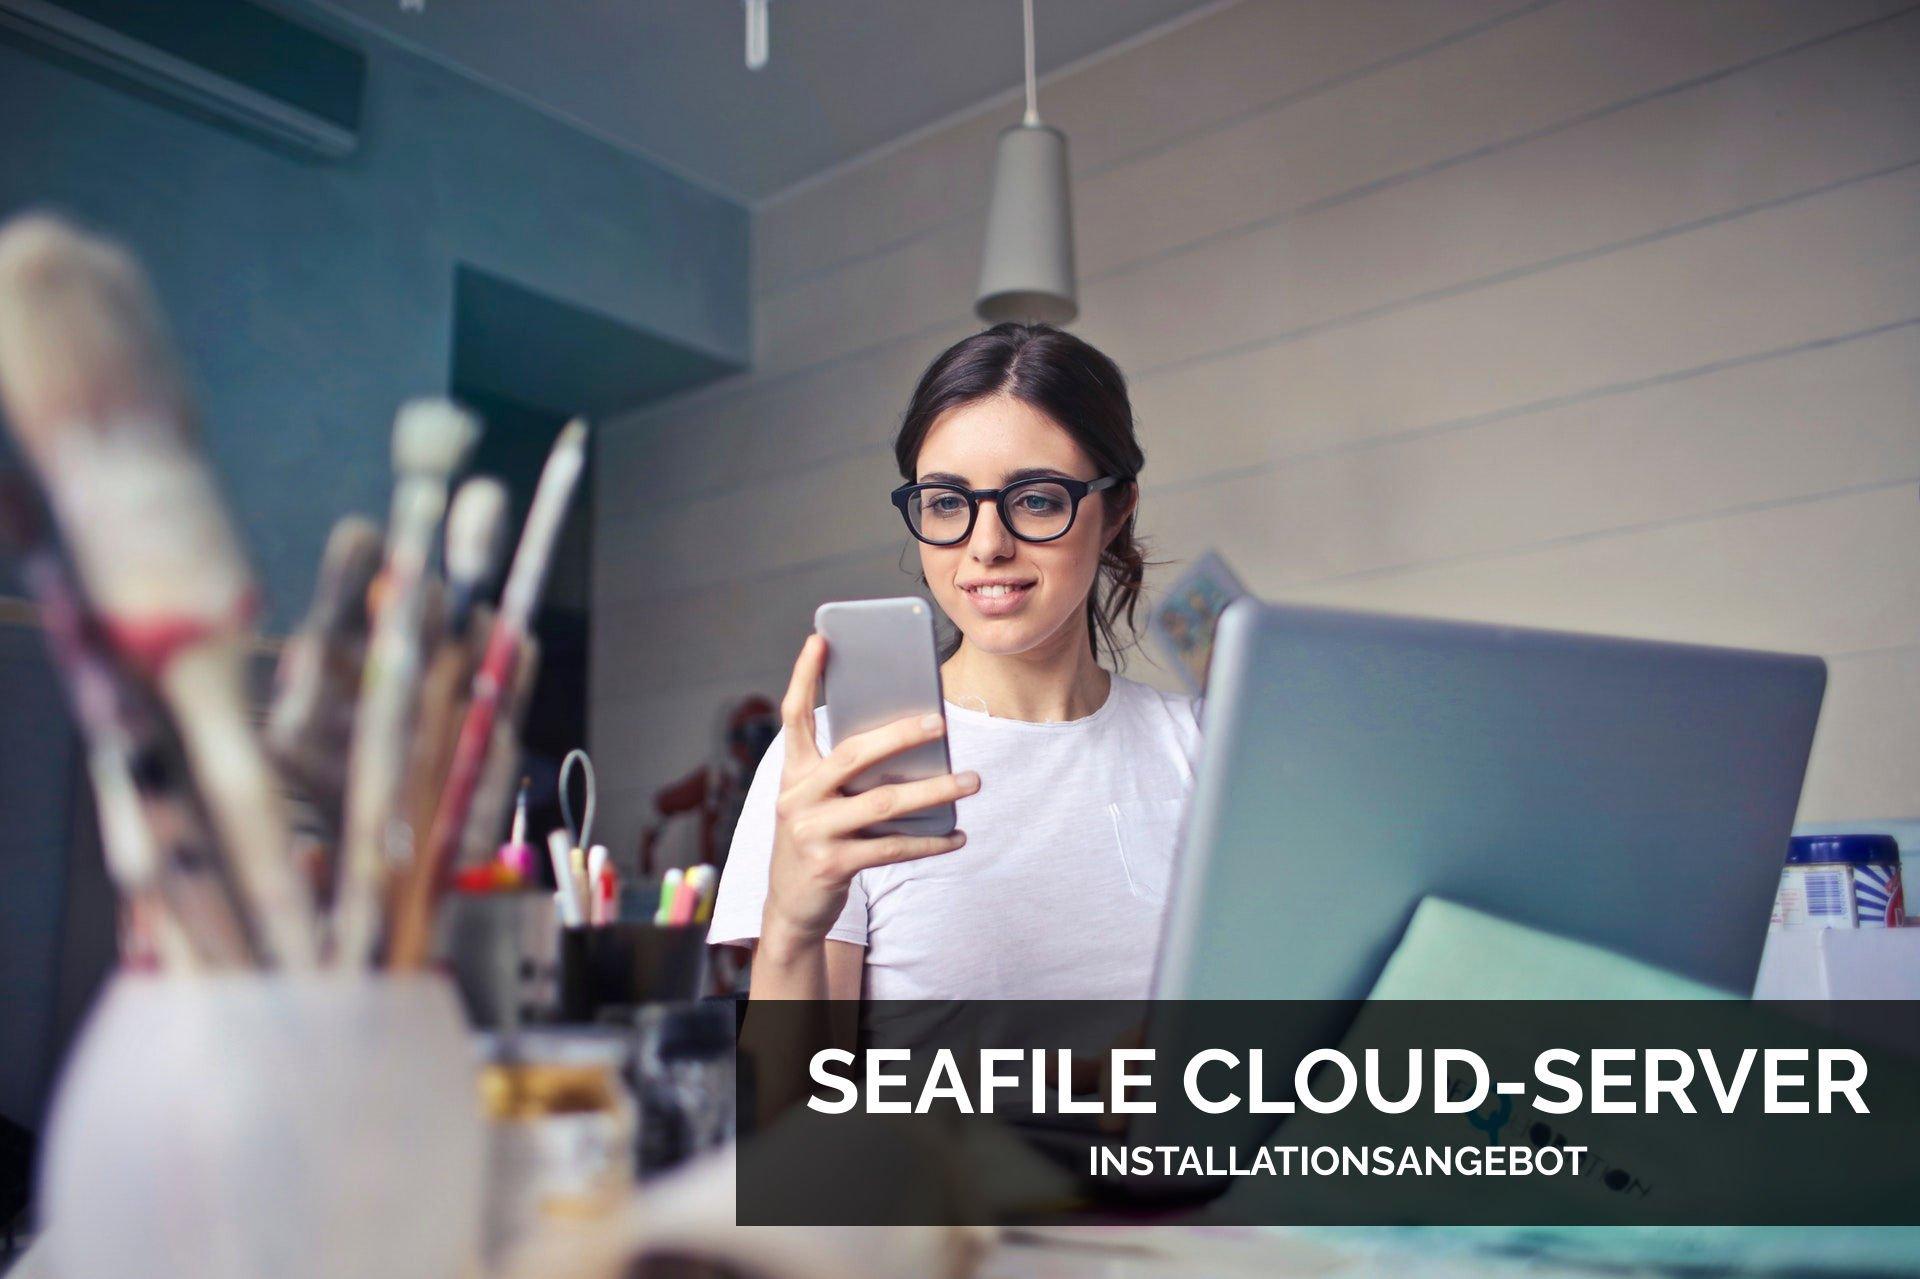 Installationsangebot: Dein eigener Seafile Cloud-Server